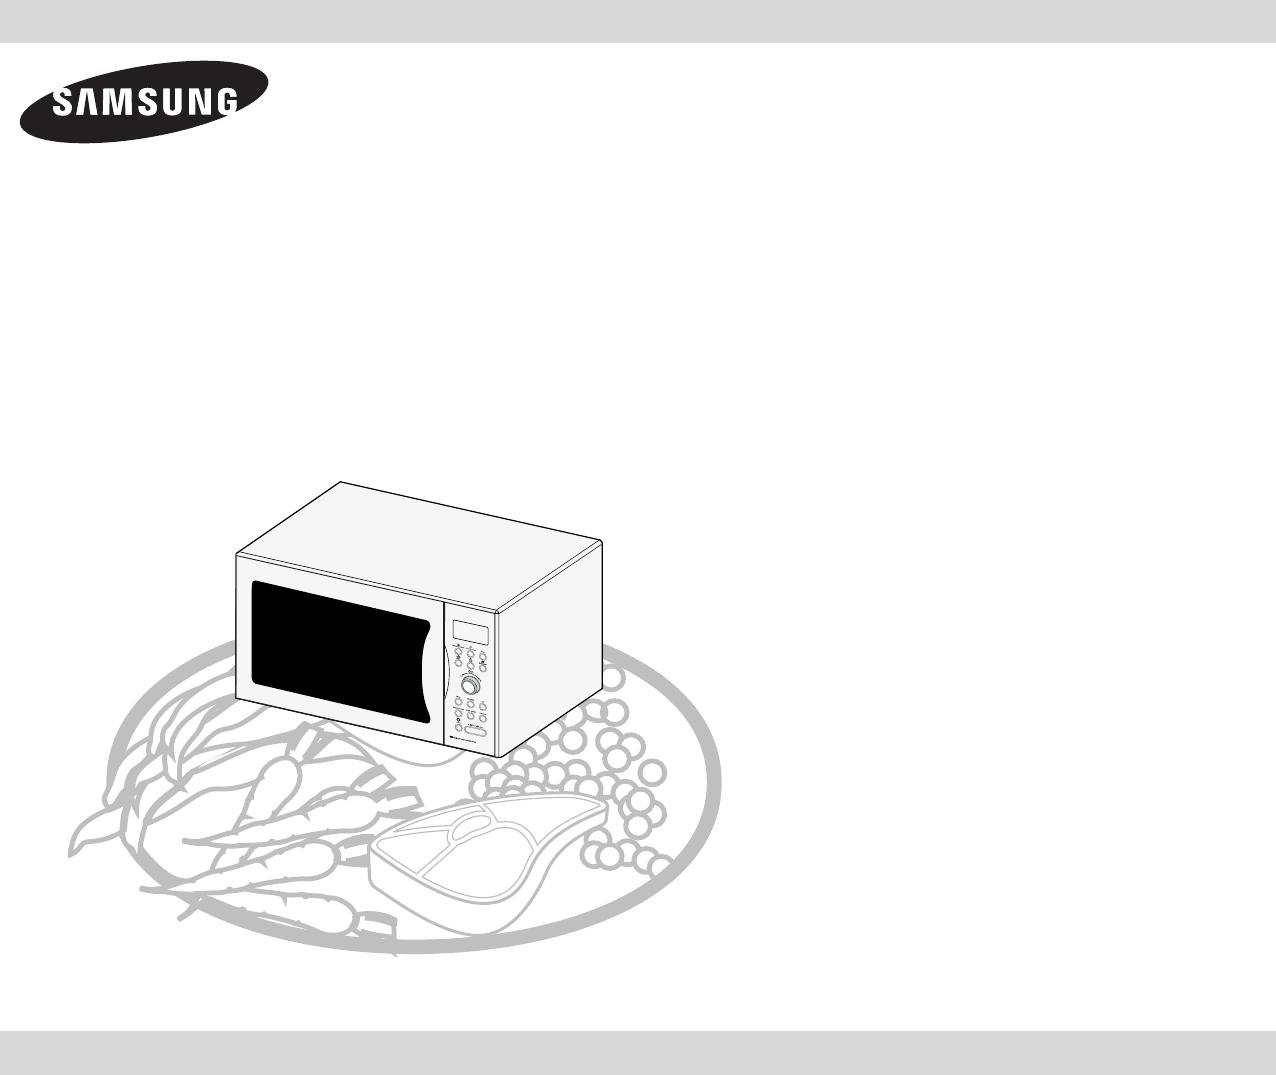 Spiksplinternieuw Bedienungsanleitung Samsung CE 1071 (Seite 1 von 32) (Deutsch) TA-63